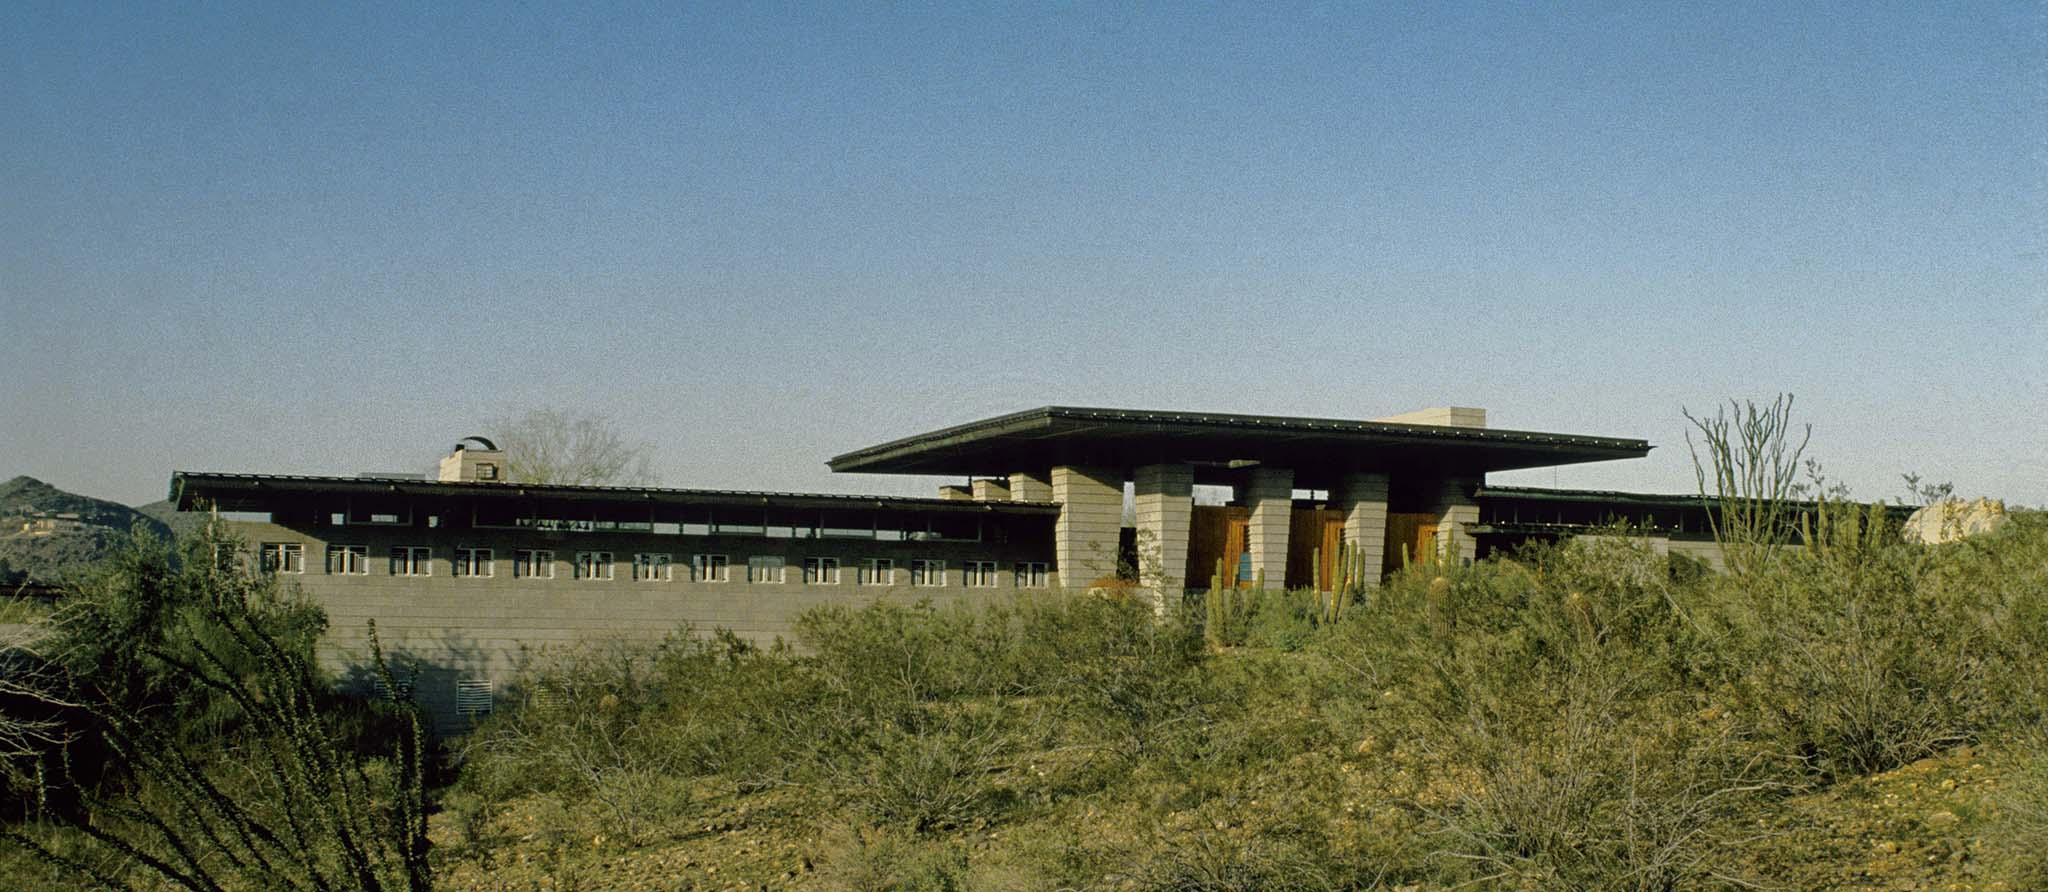 荒野のブロック住宅H.Price邸(1954)